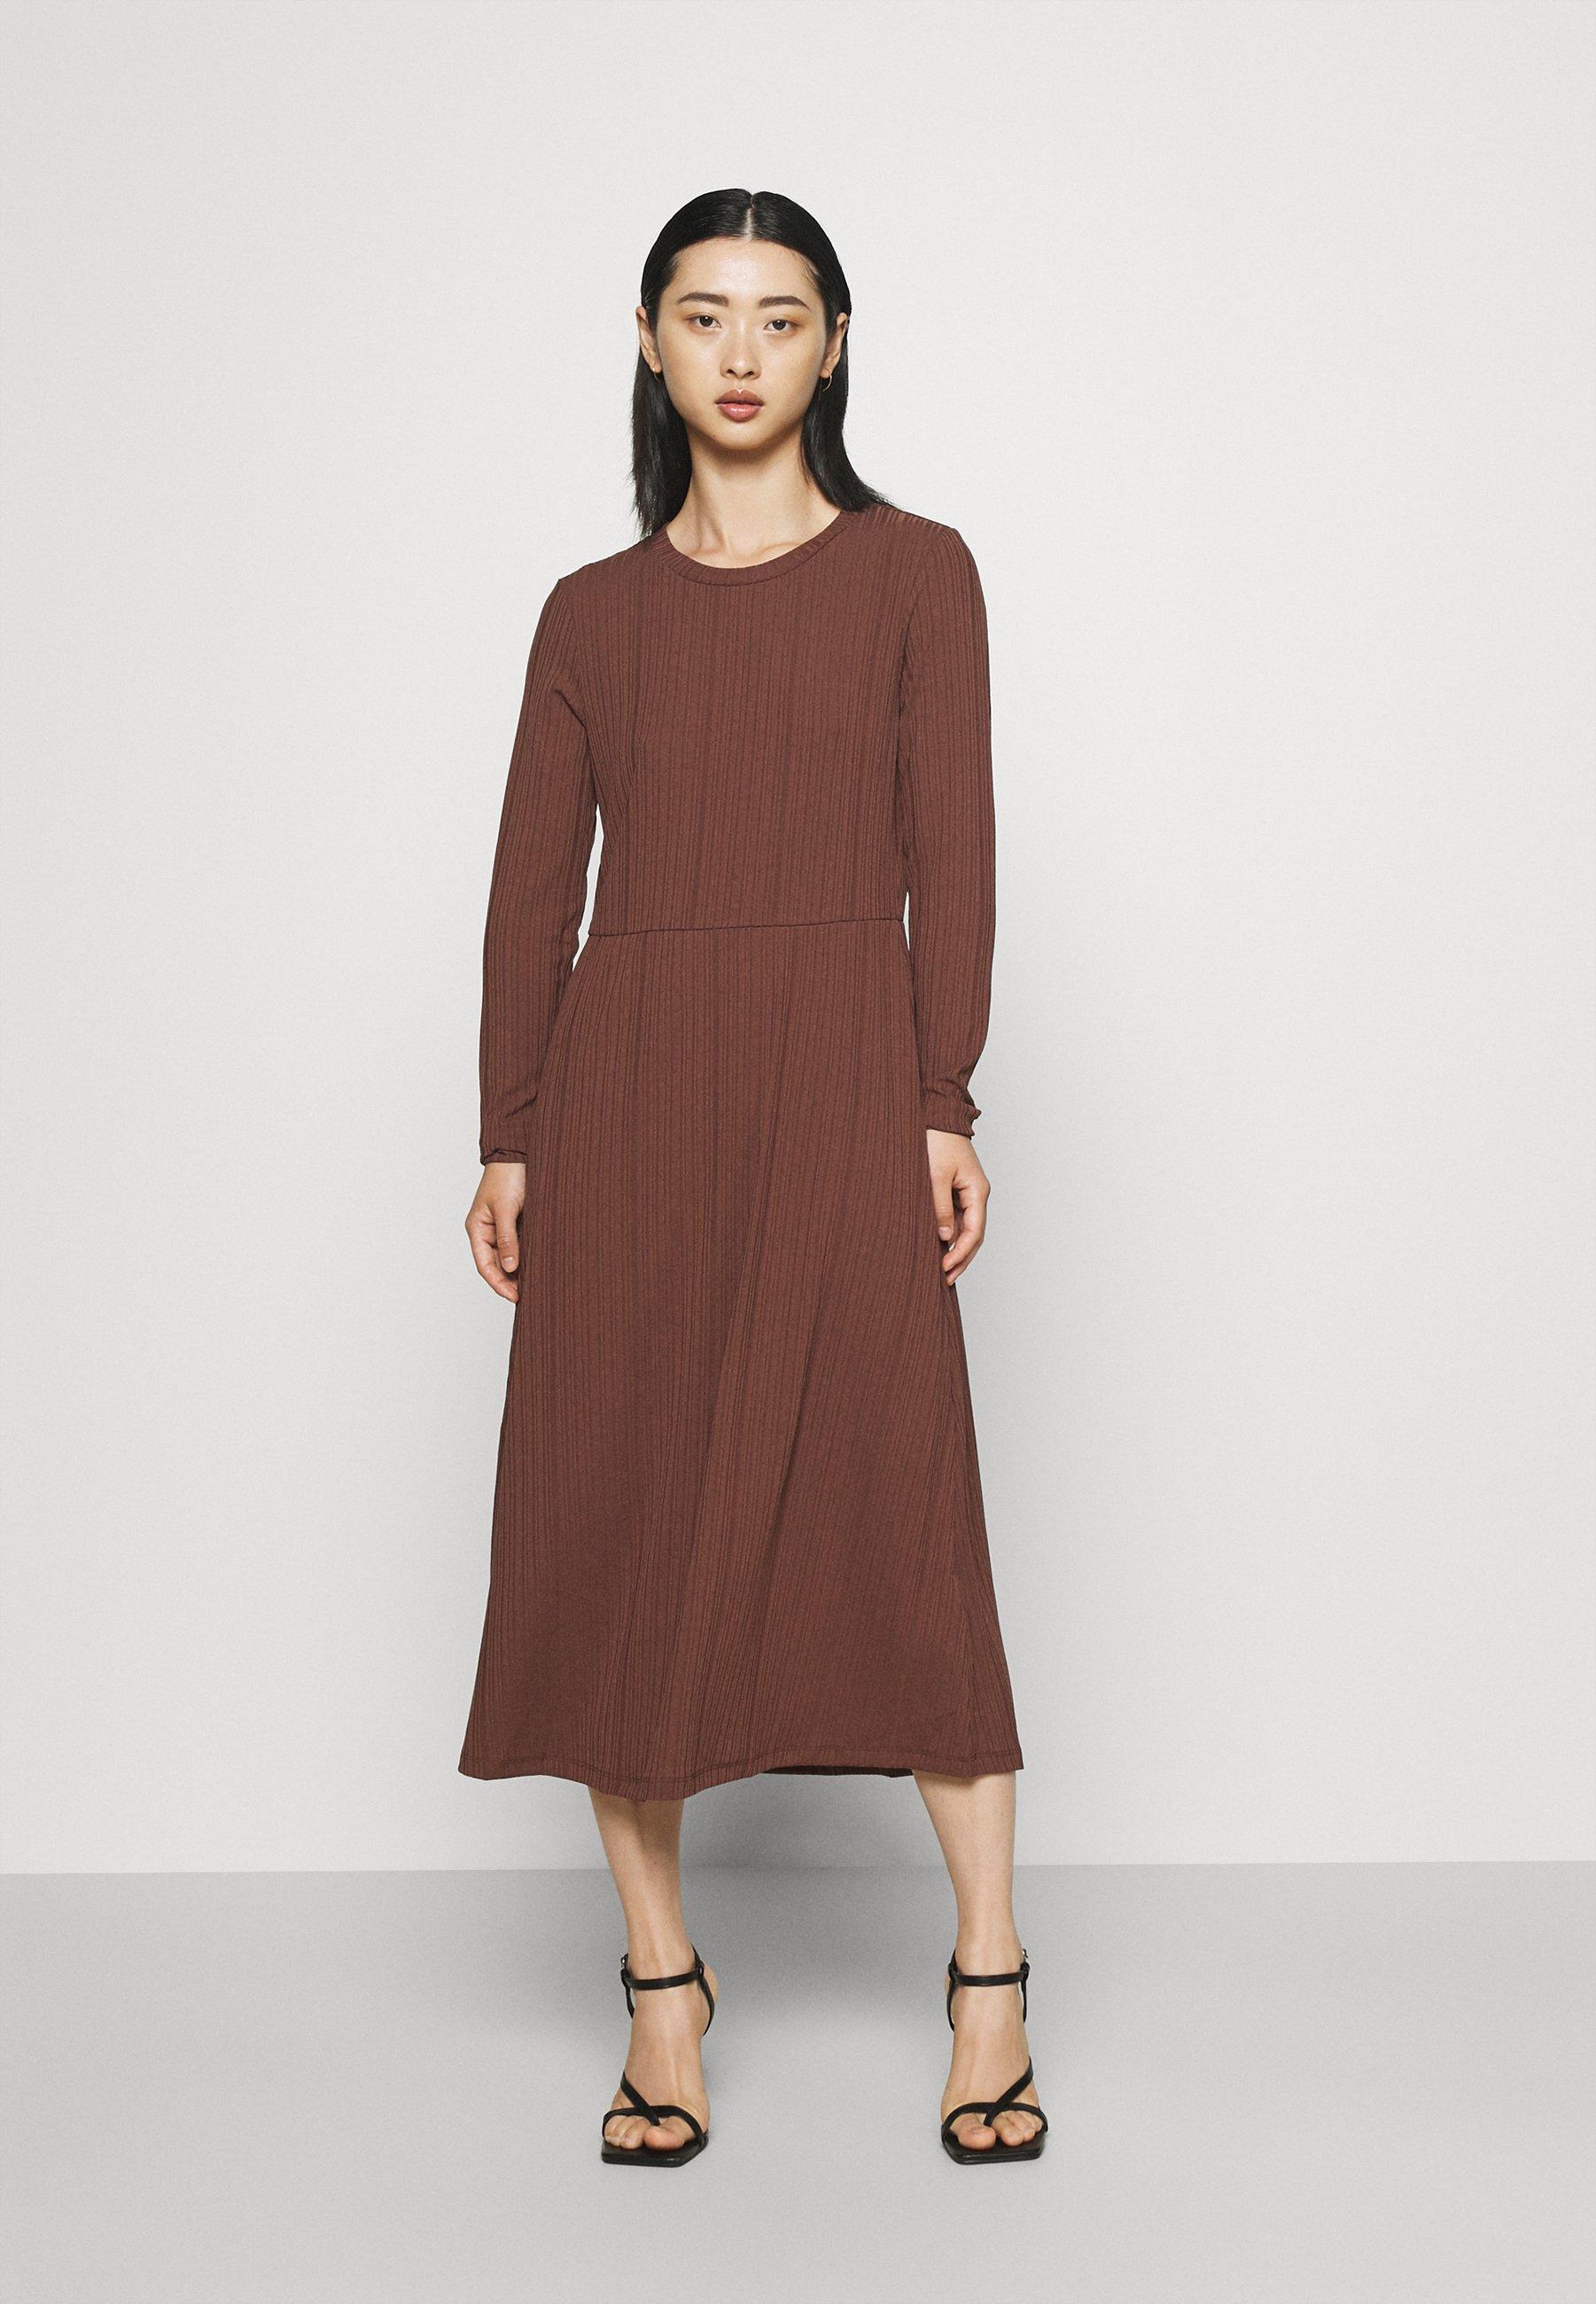 Femme IHKEREN - Robe pull